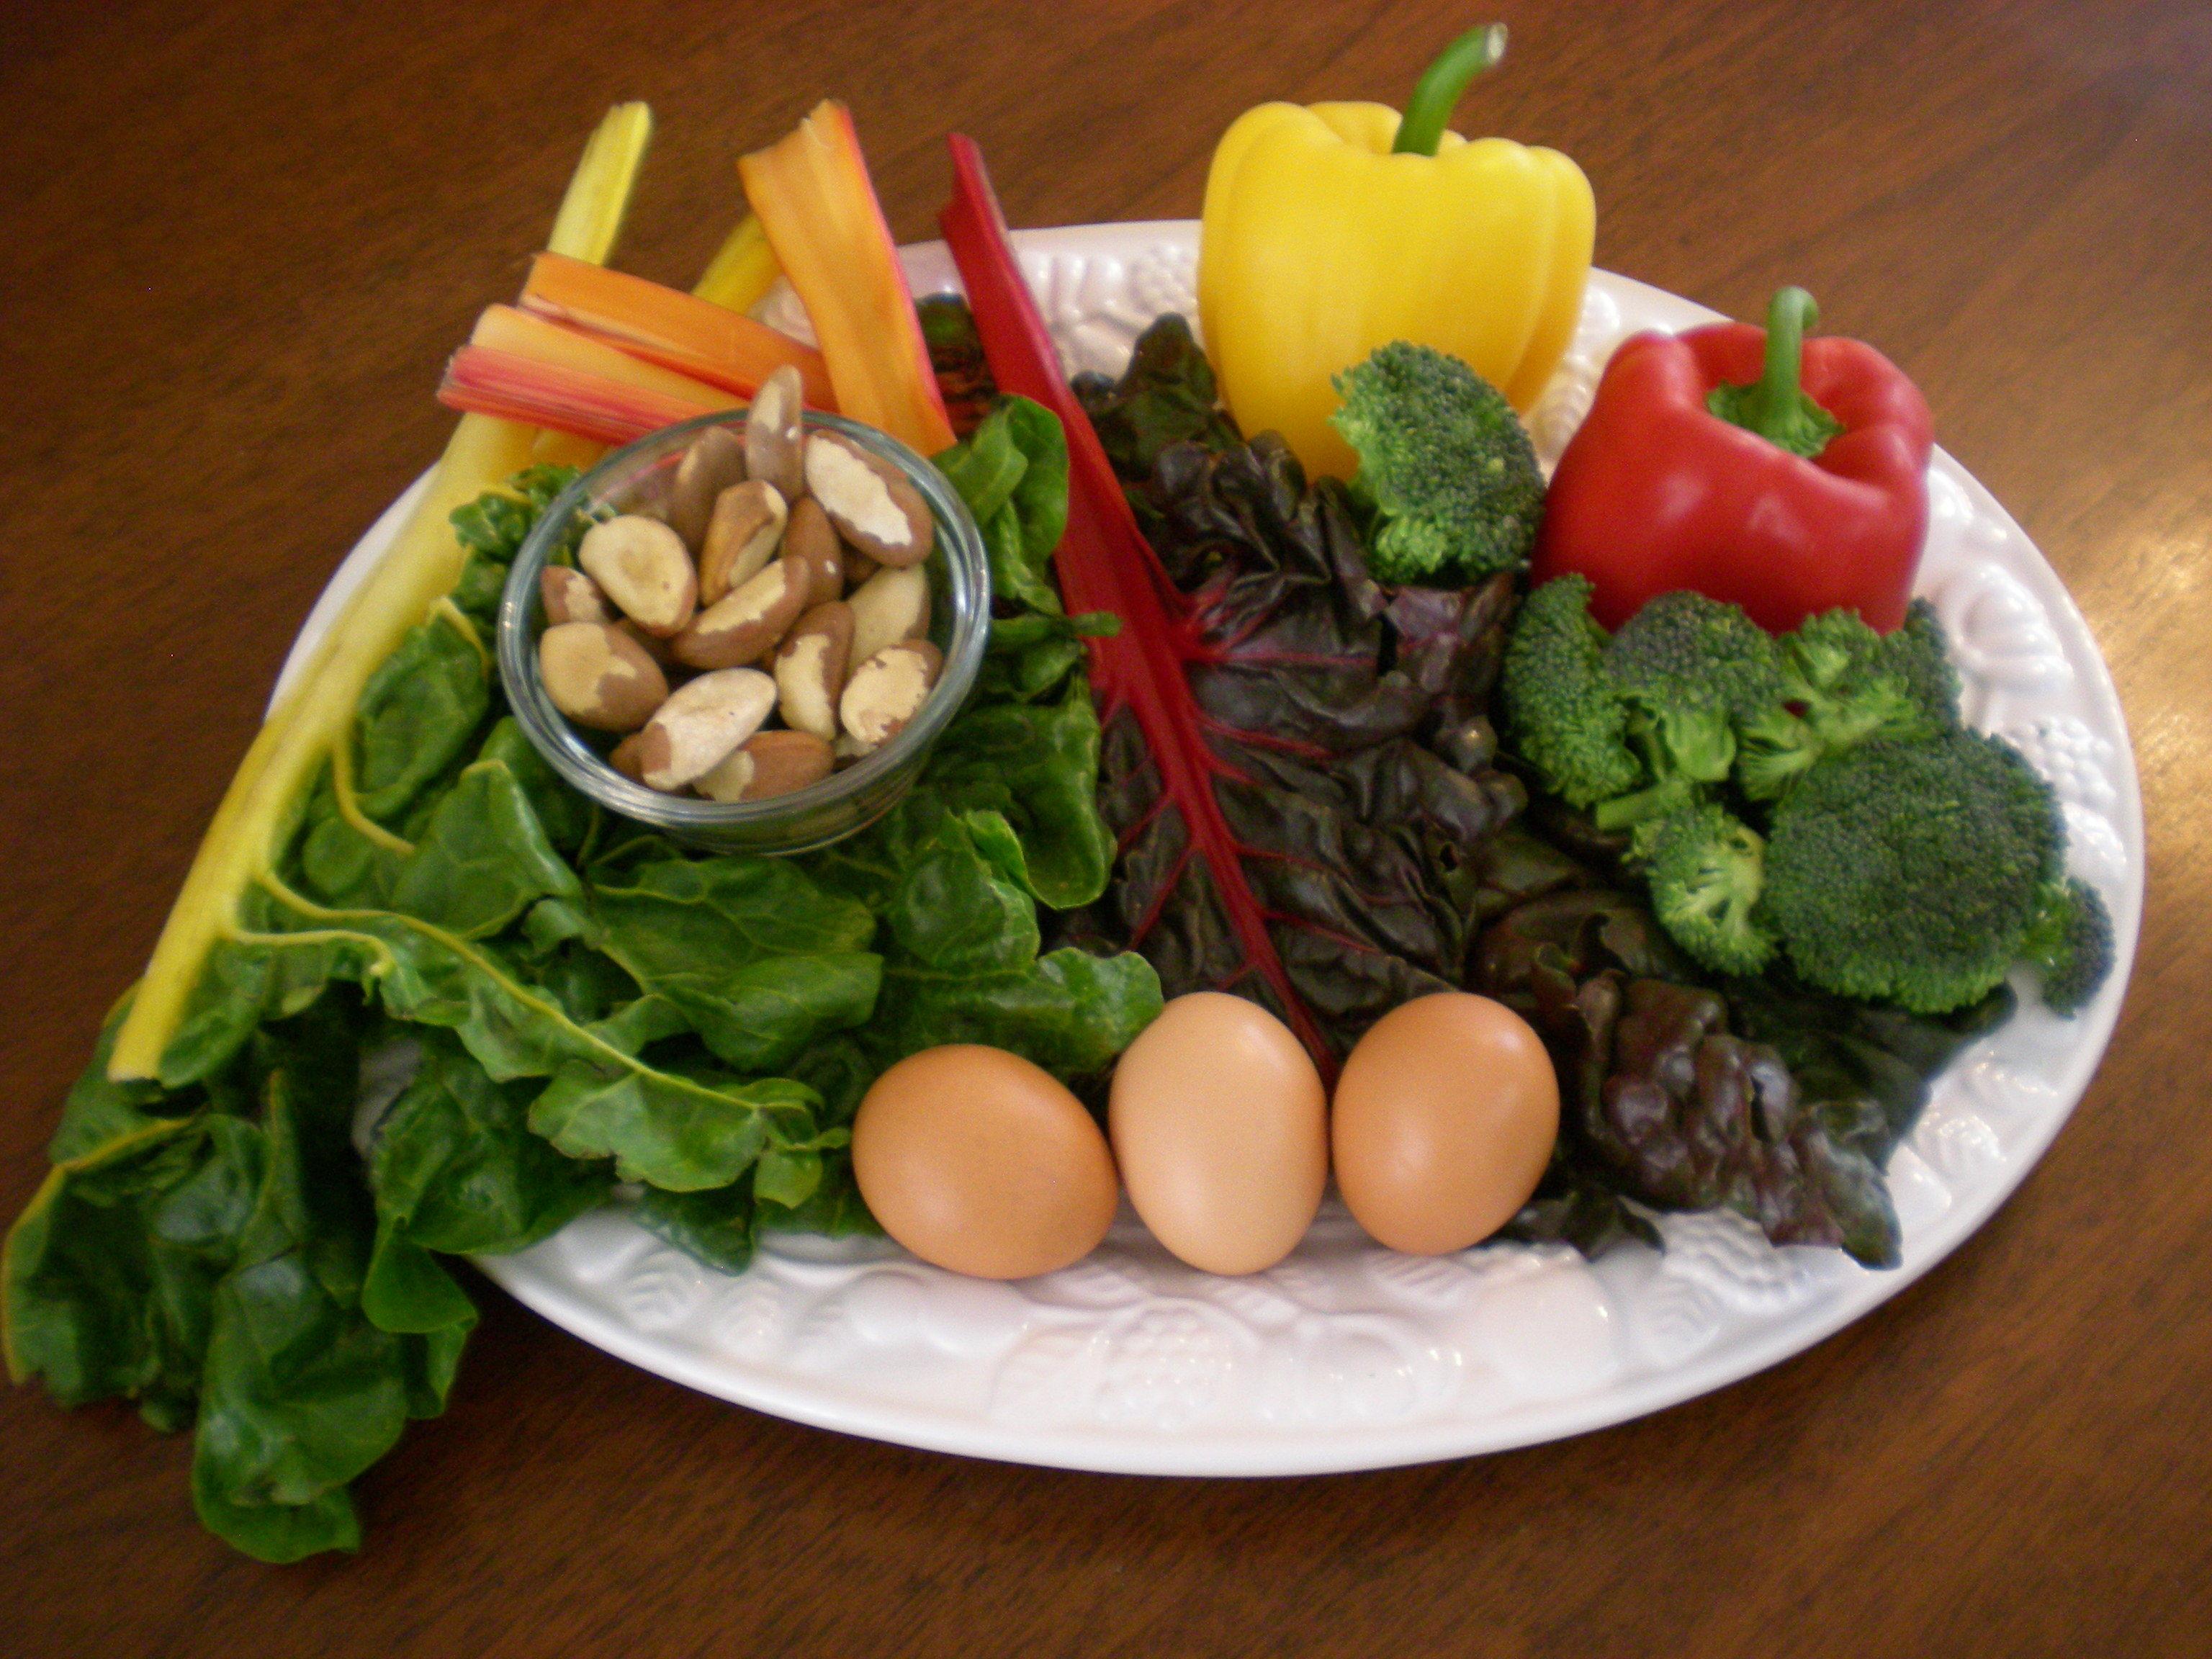 Dieta para diab ticos como normalizar tu glucosa la gu a de las vitaminas - Alimentos bajos en glucosa ...